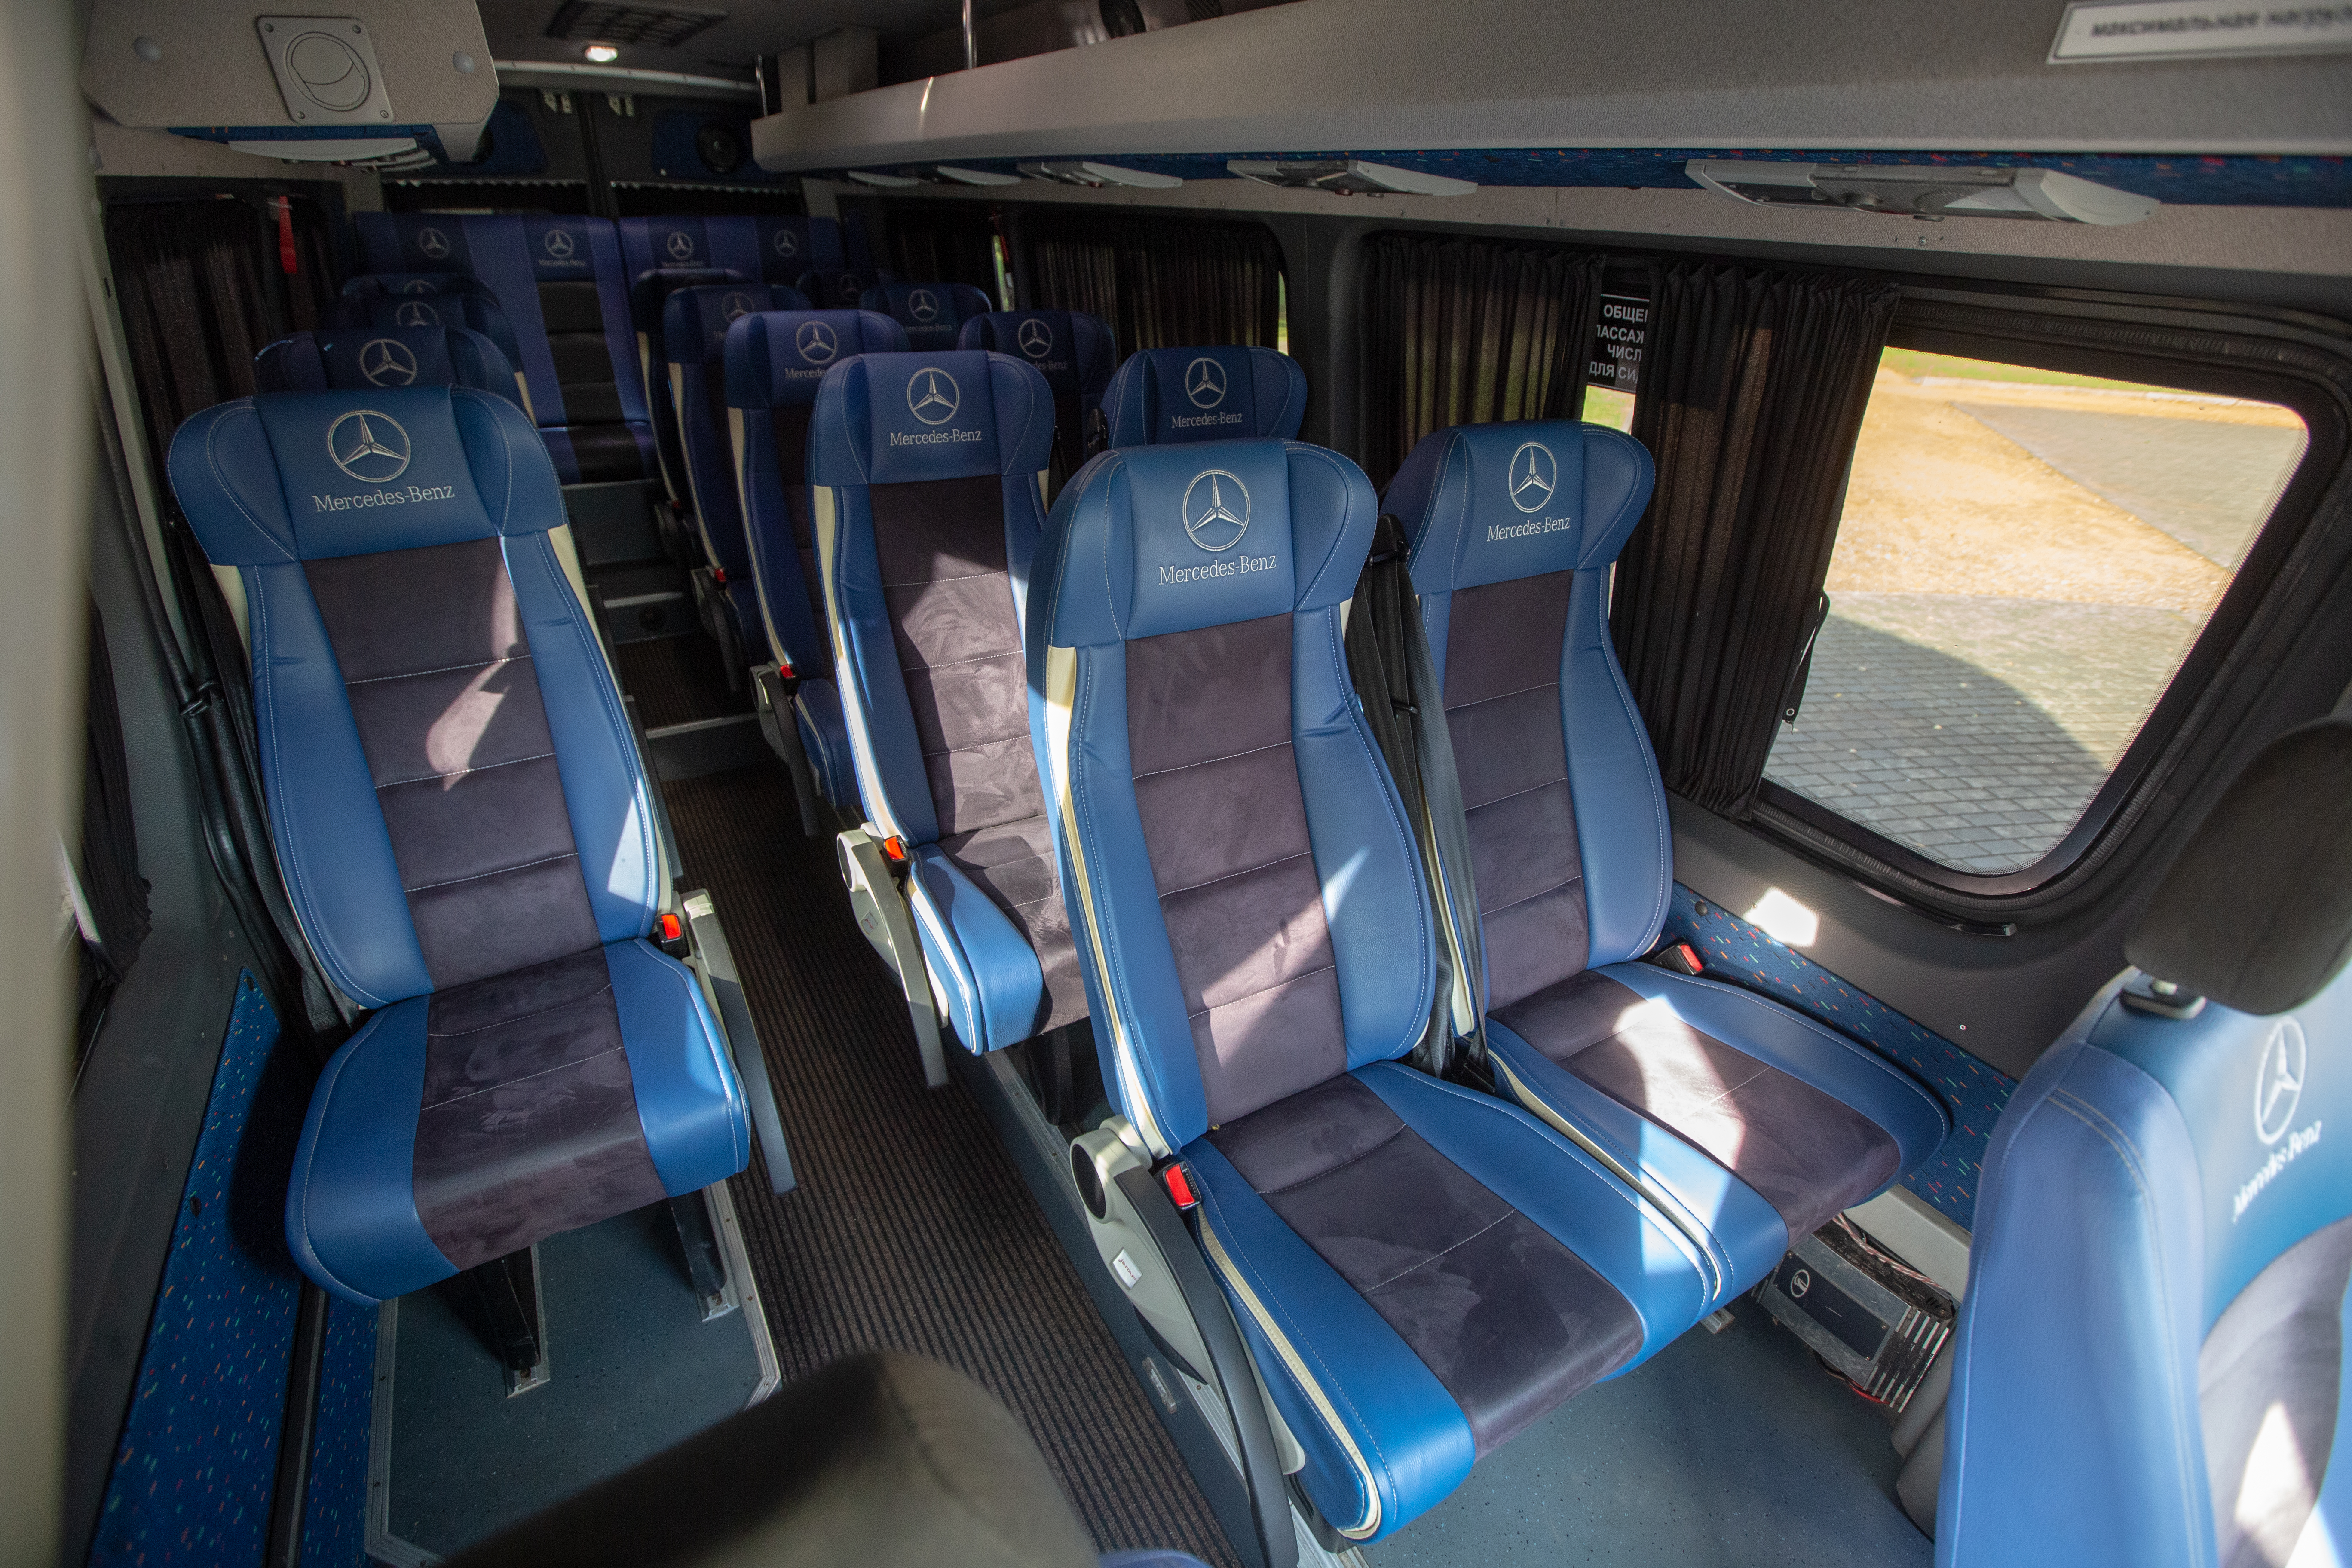 Мерседес-Бенц Спринтер, 19 пассажирских мест, кондиционер, вебасто, TV, DVD, микрофон, навесной багажник.